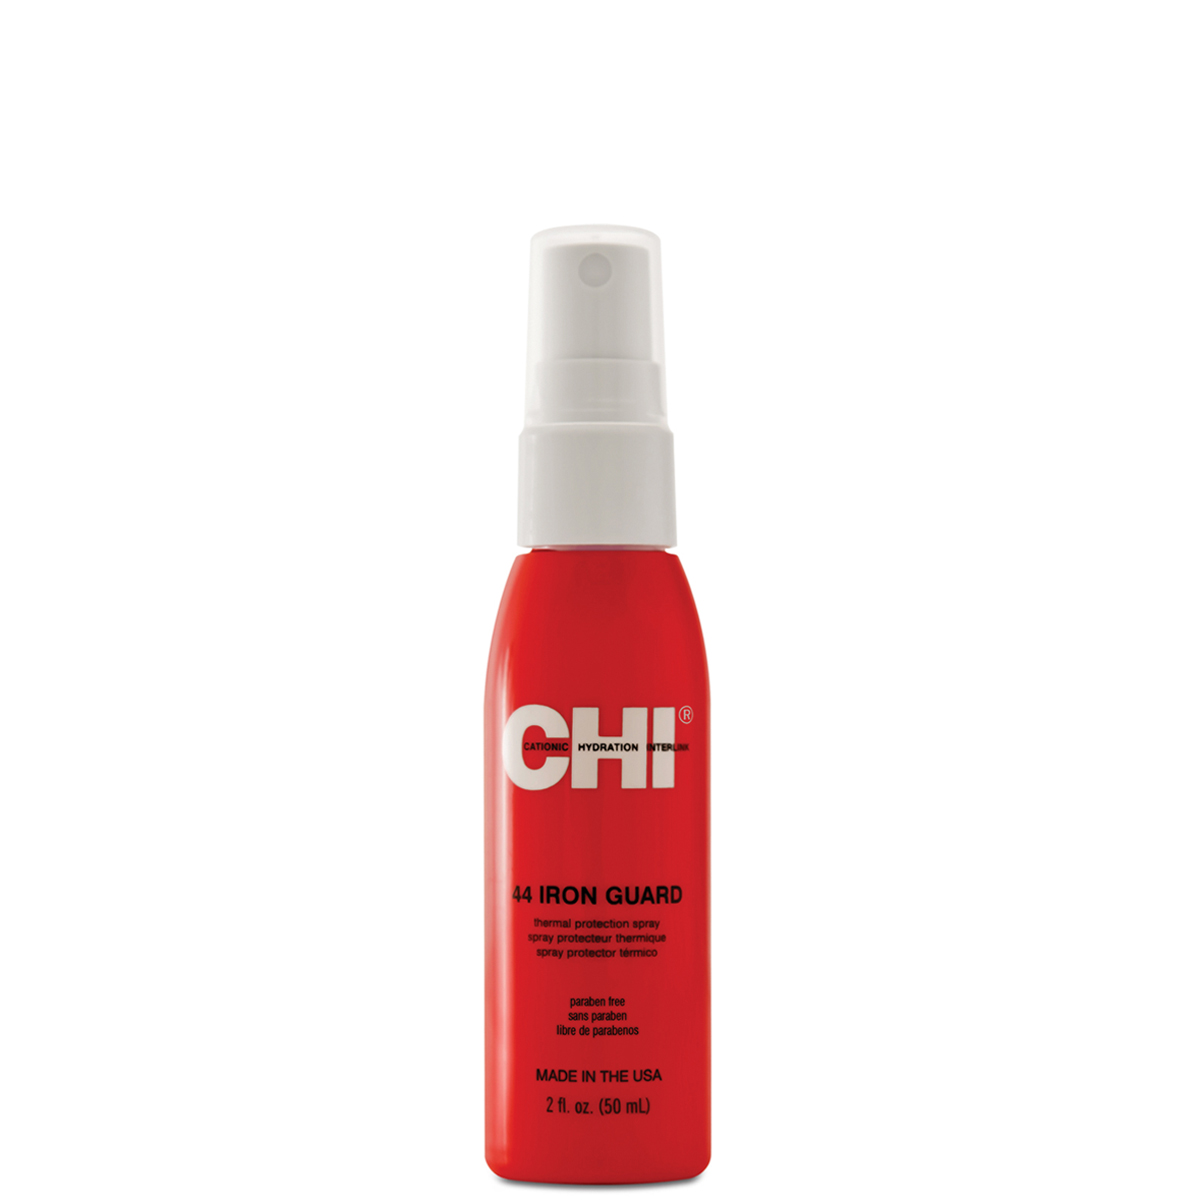 CHI 44 Iron Guard Термозащитный спрей для волос, 50мл